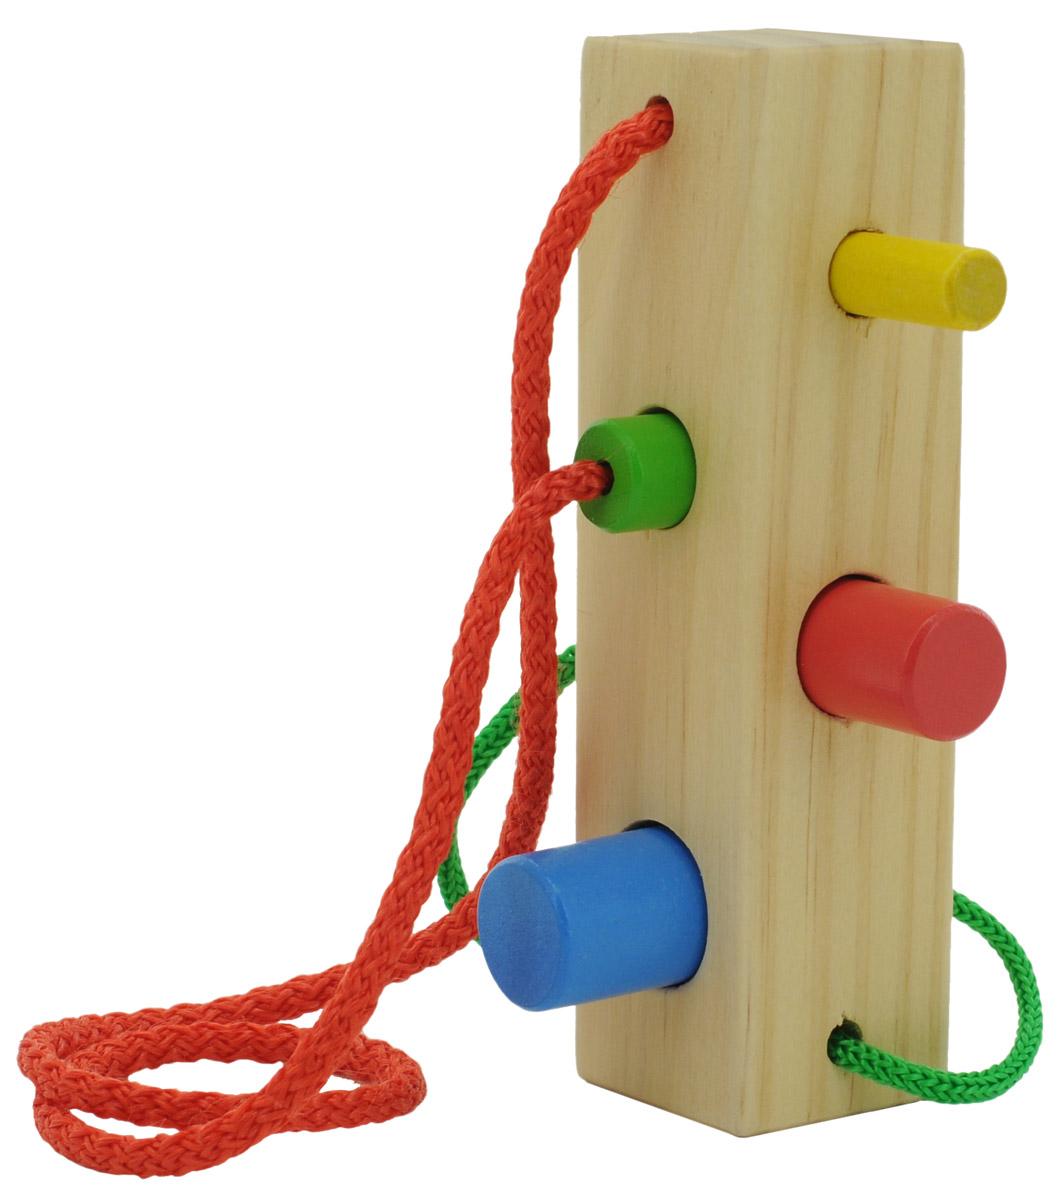 Мир деревянных игрушек Шнуровка-сортер Брусочек игрушка мир деревянных игрушек лабиринт слон д345